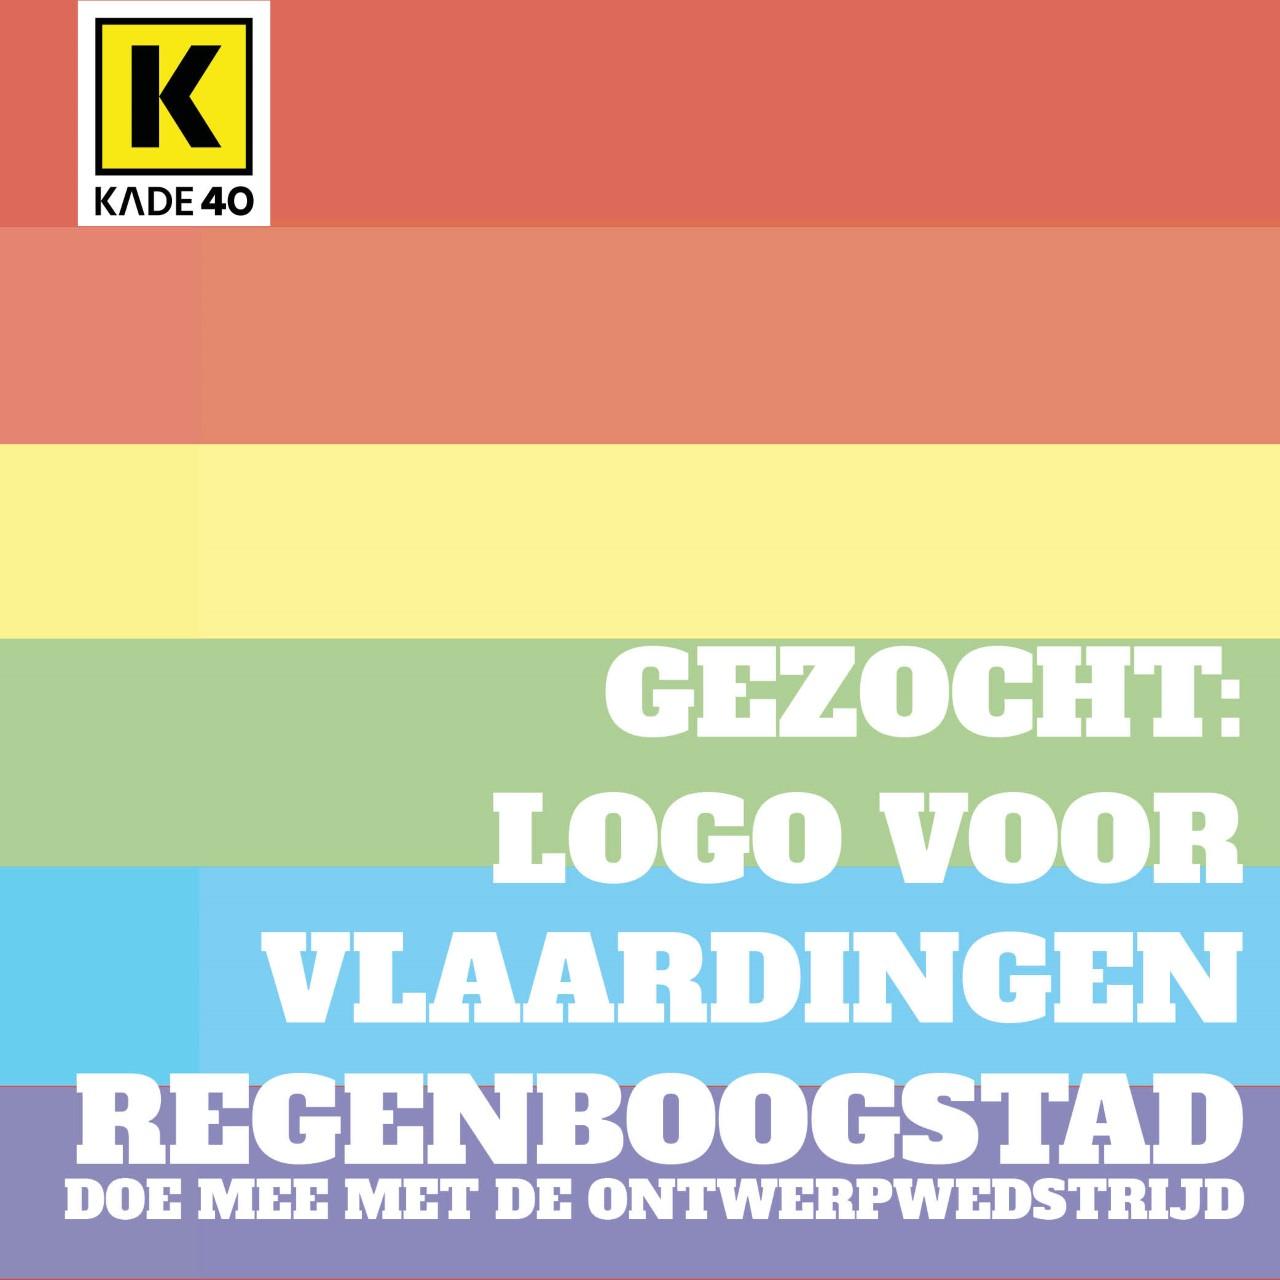 Ontwerpwedstrijd logo Vlaardingen Regenboogstad